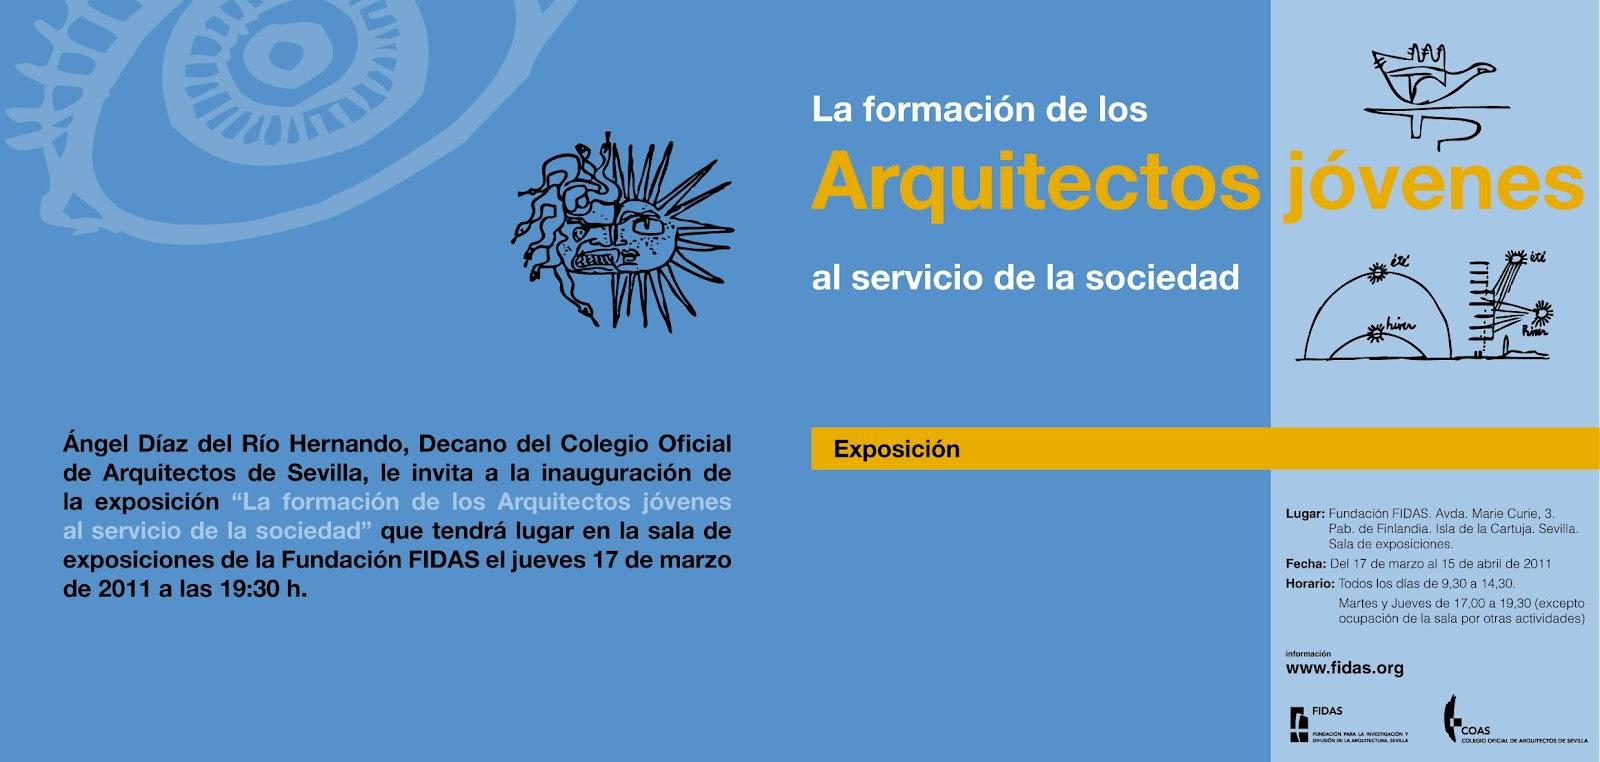 Portfolio la formaci n de los arquitectos j venes al servicio de la sociedad - Sociedad de arquitectos ...